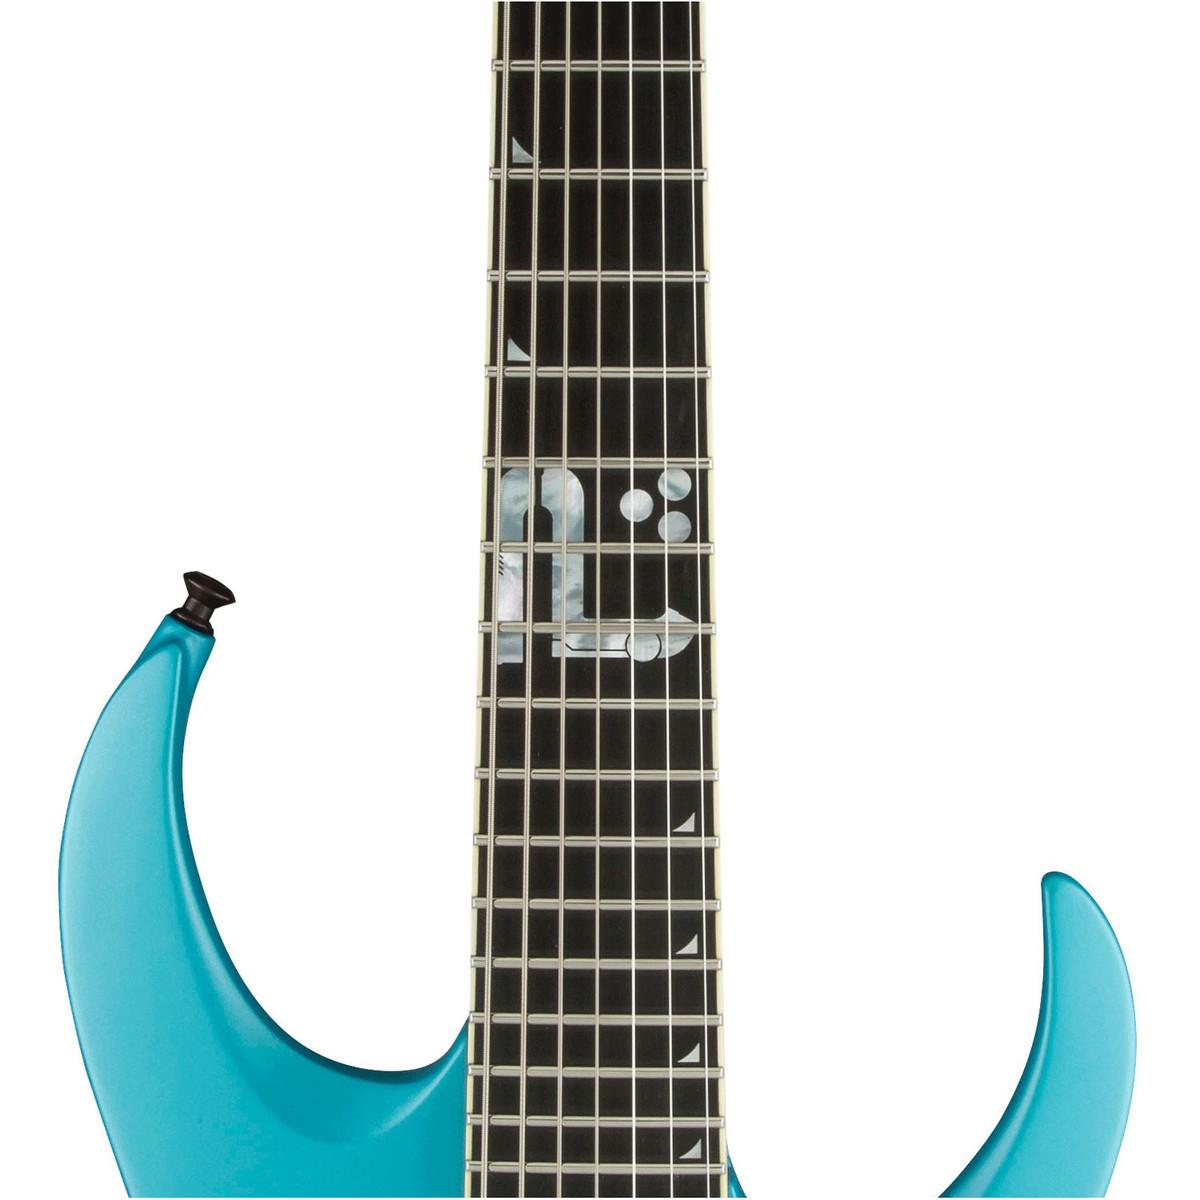 f5f3d9aec63e Jackson Misha Mansoor Bulb HT 7 Electric Guitar